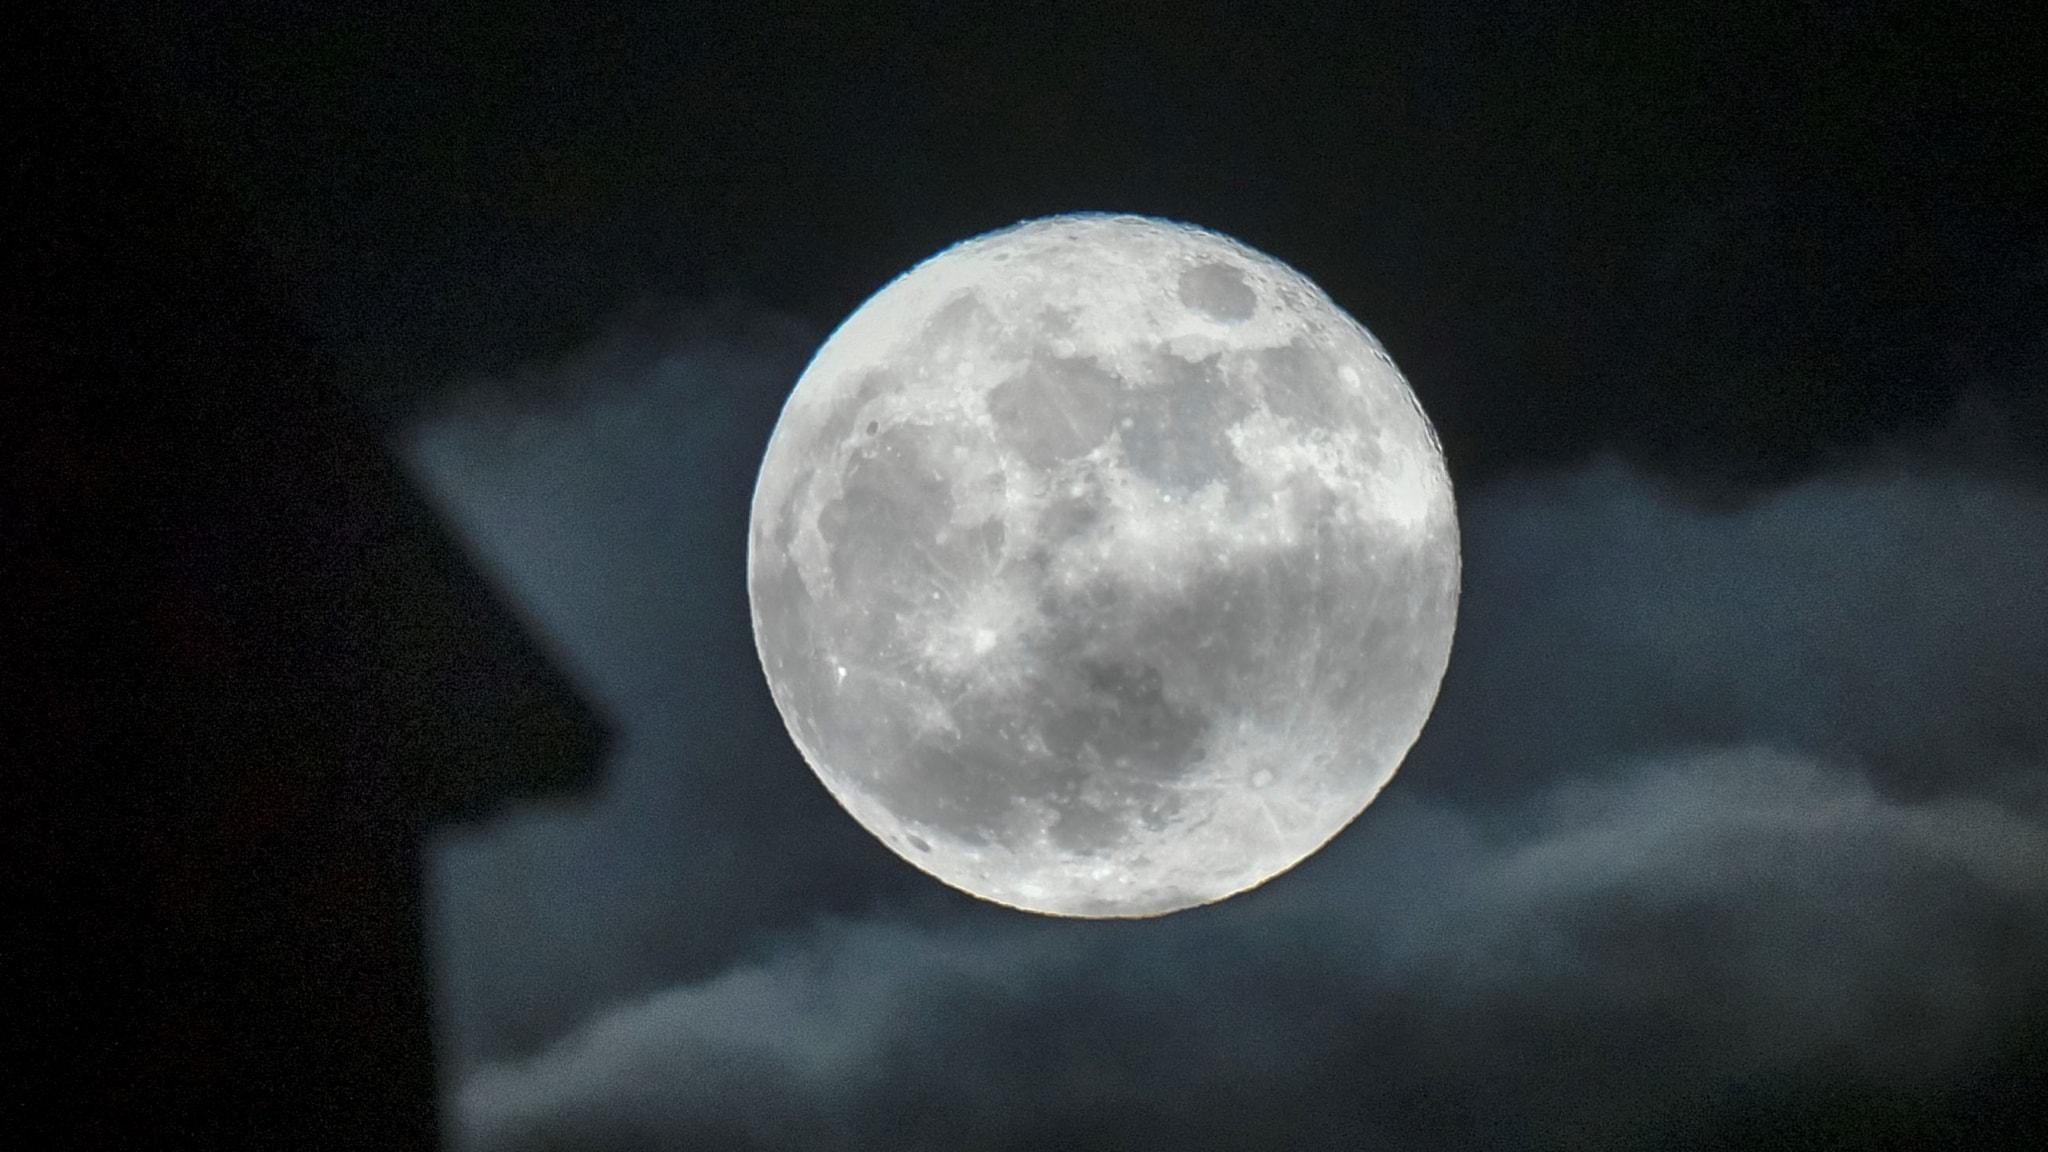 Niin kutsuttu superkuu. Tämä tapahtuu kun kuu on ratansa lähimmässä pisteessä suhteessa Maahan.